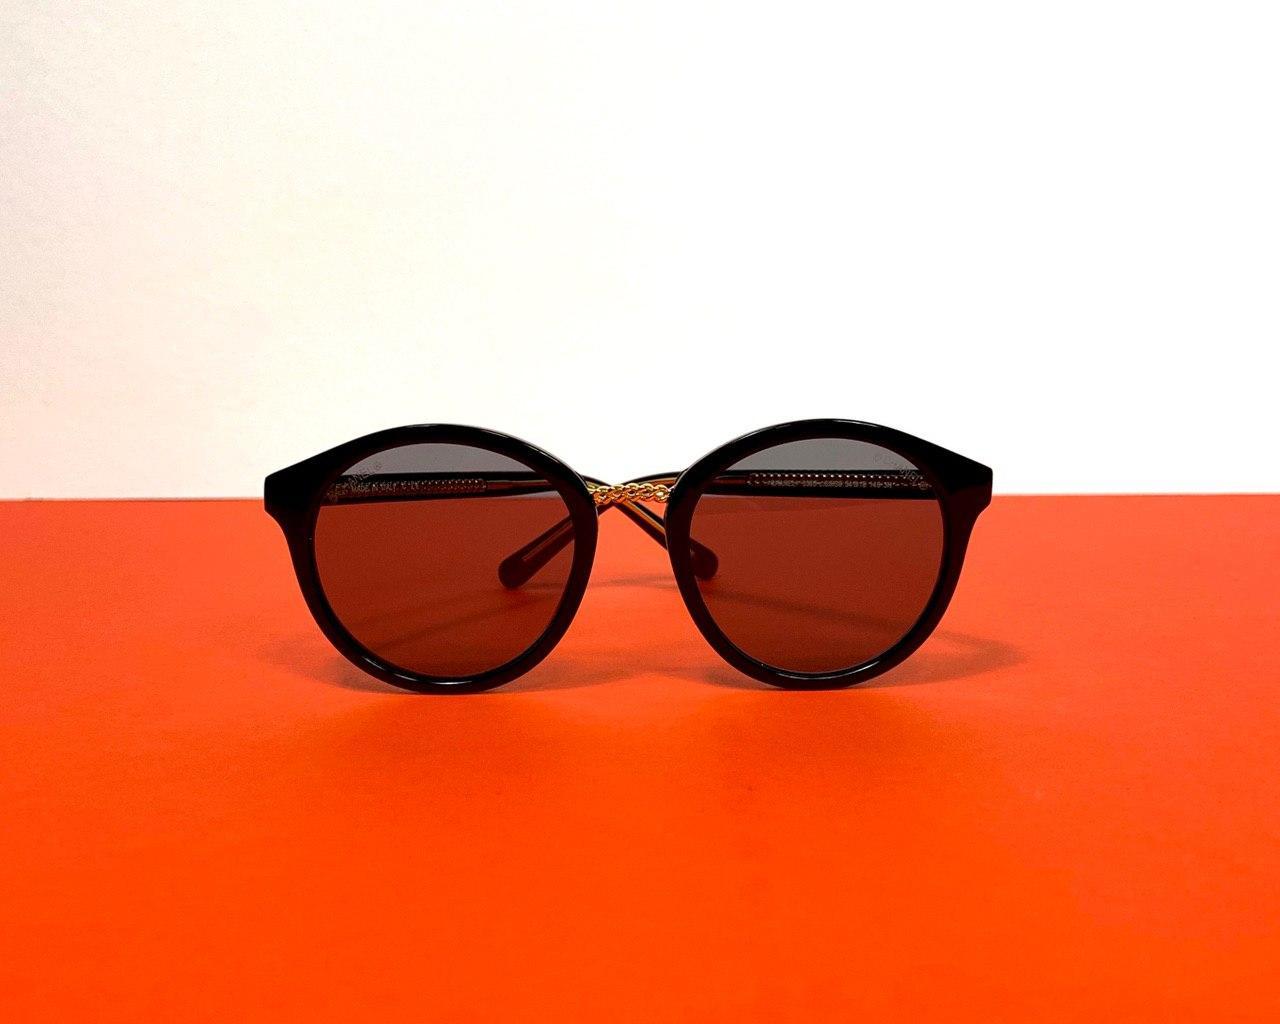 Женские очки Chan*l (Шан*ль) арт. 106-04